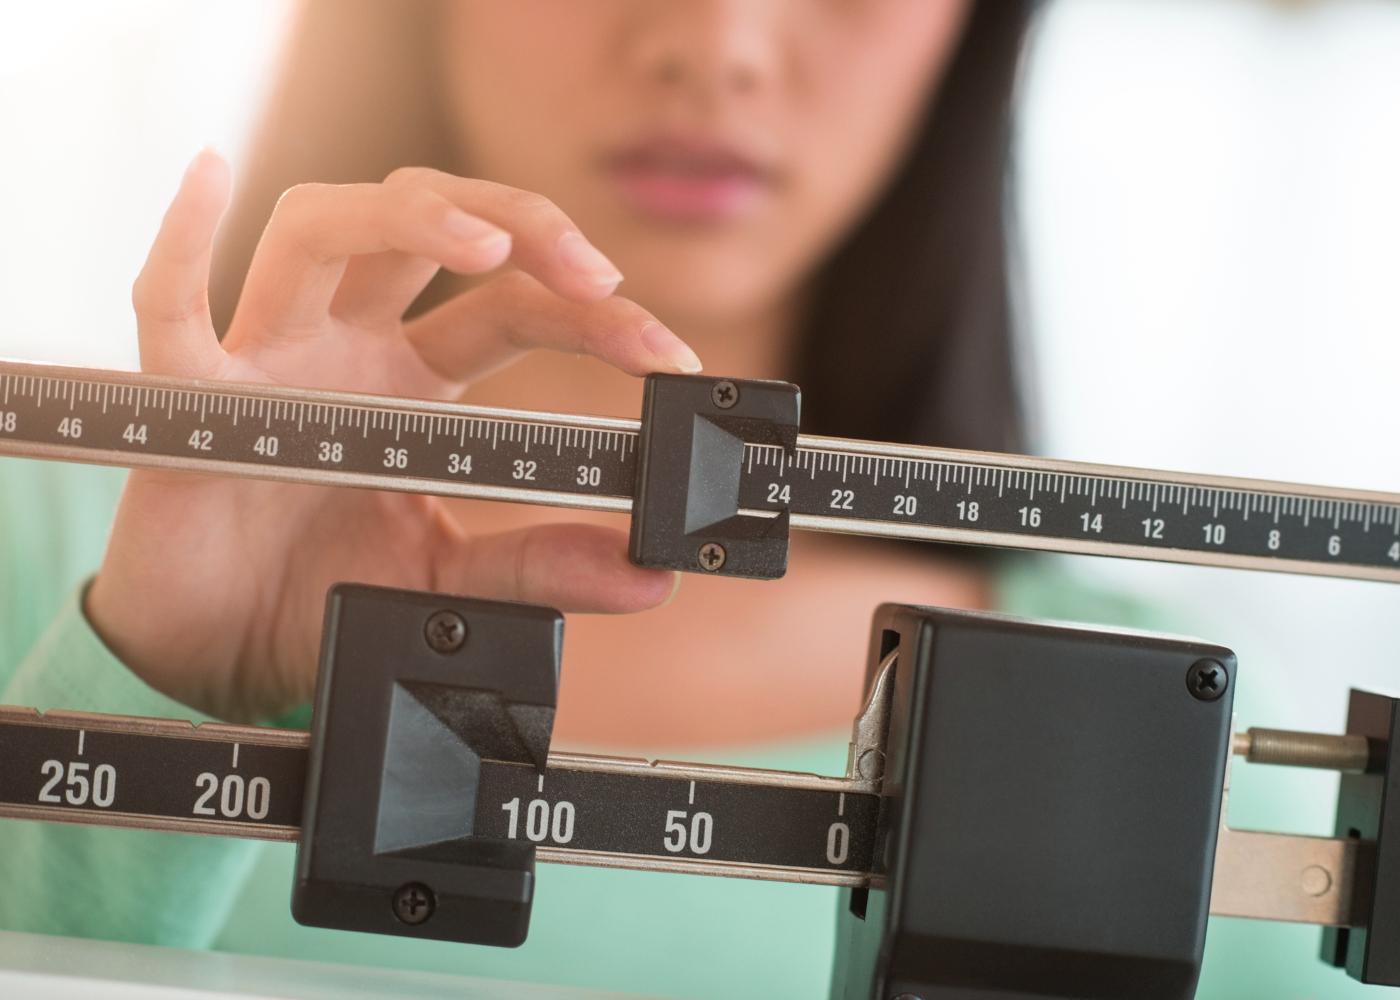 dia mundial da obesidade